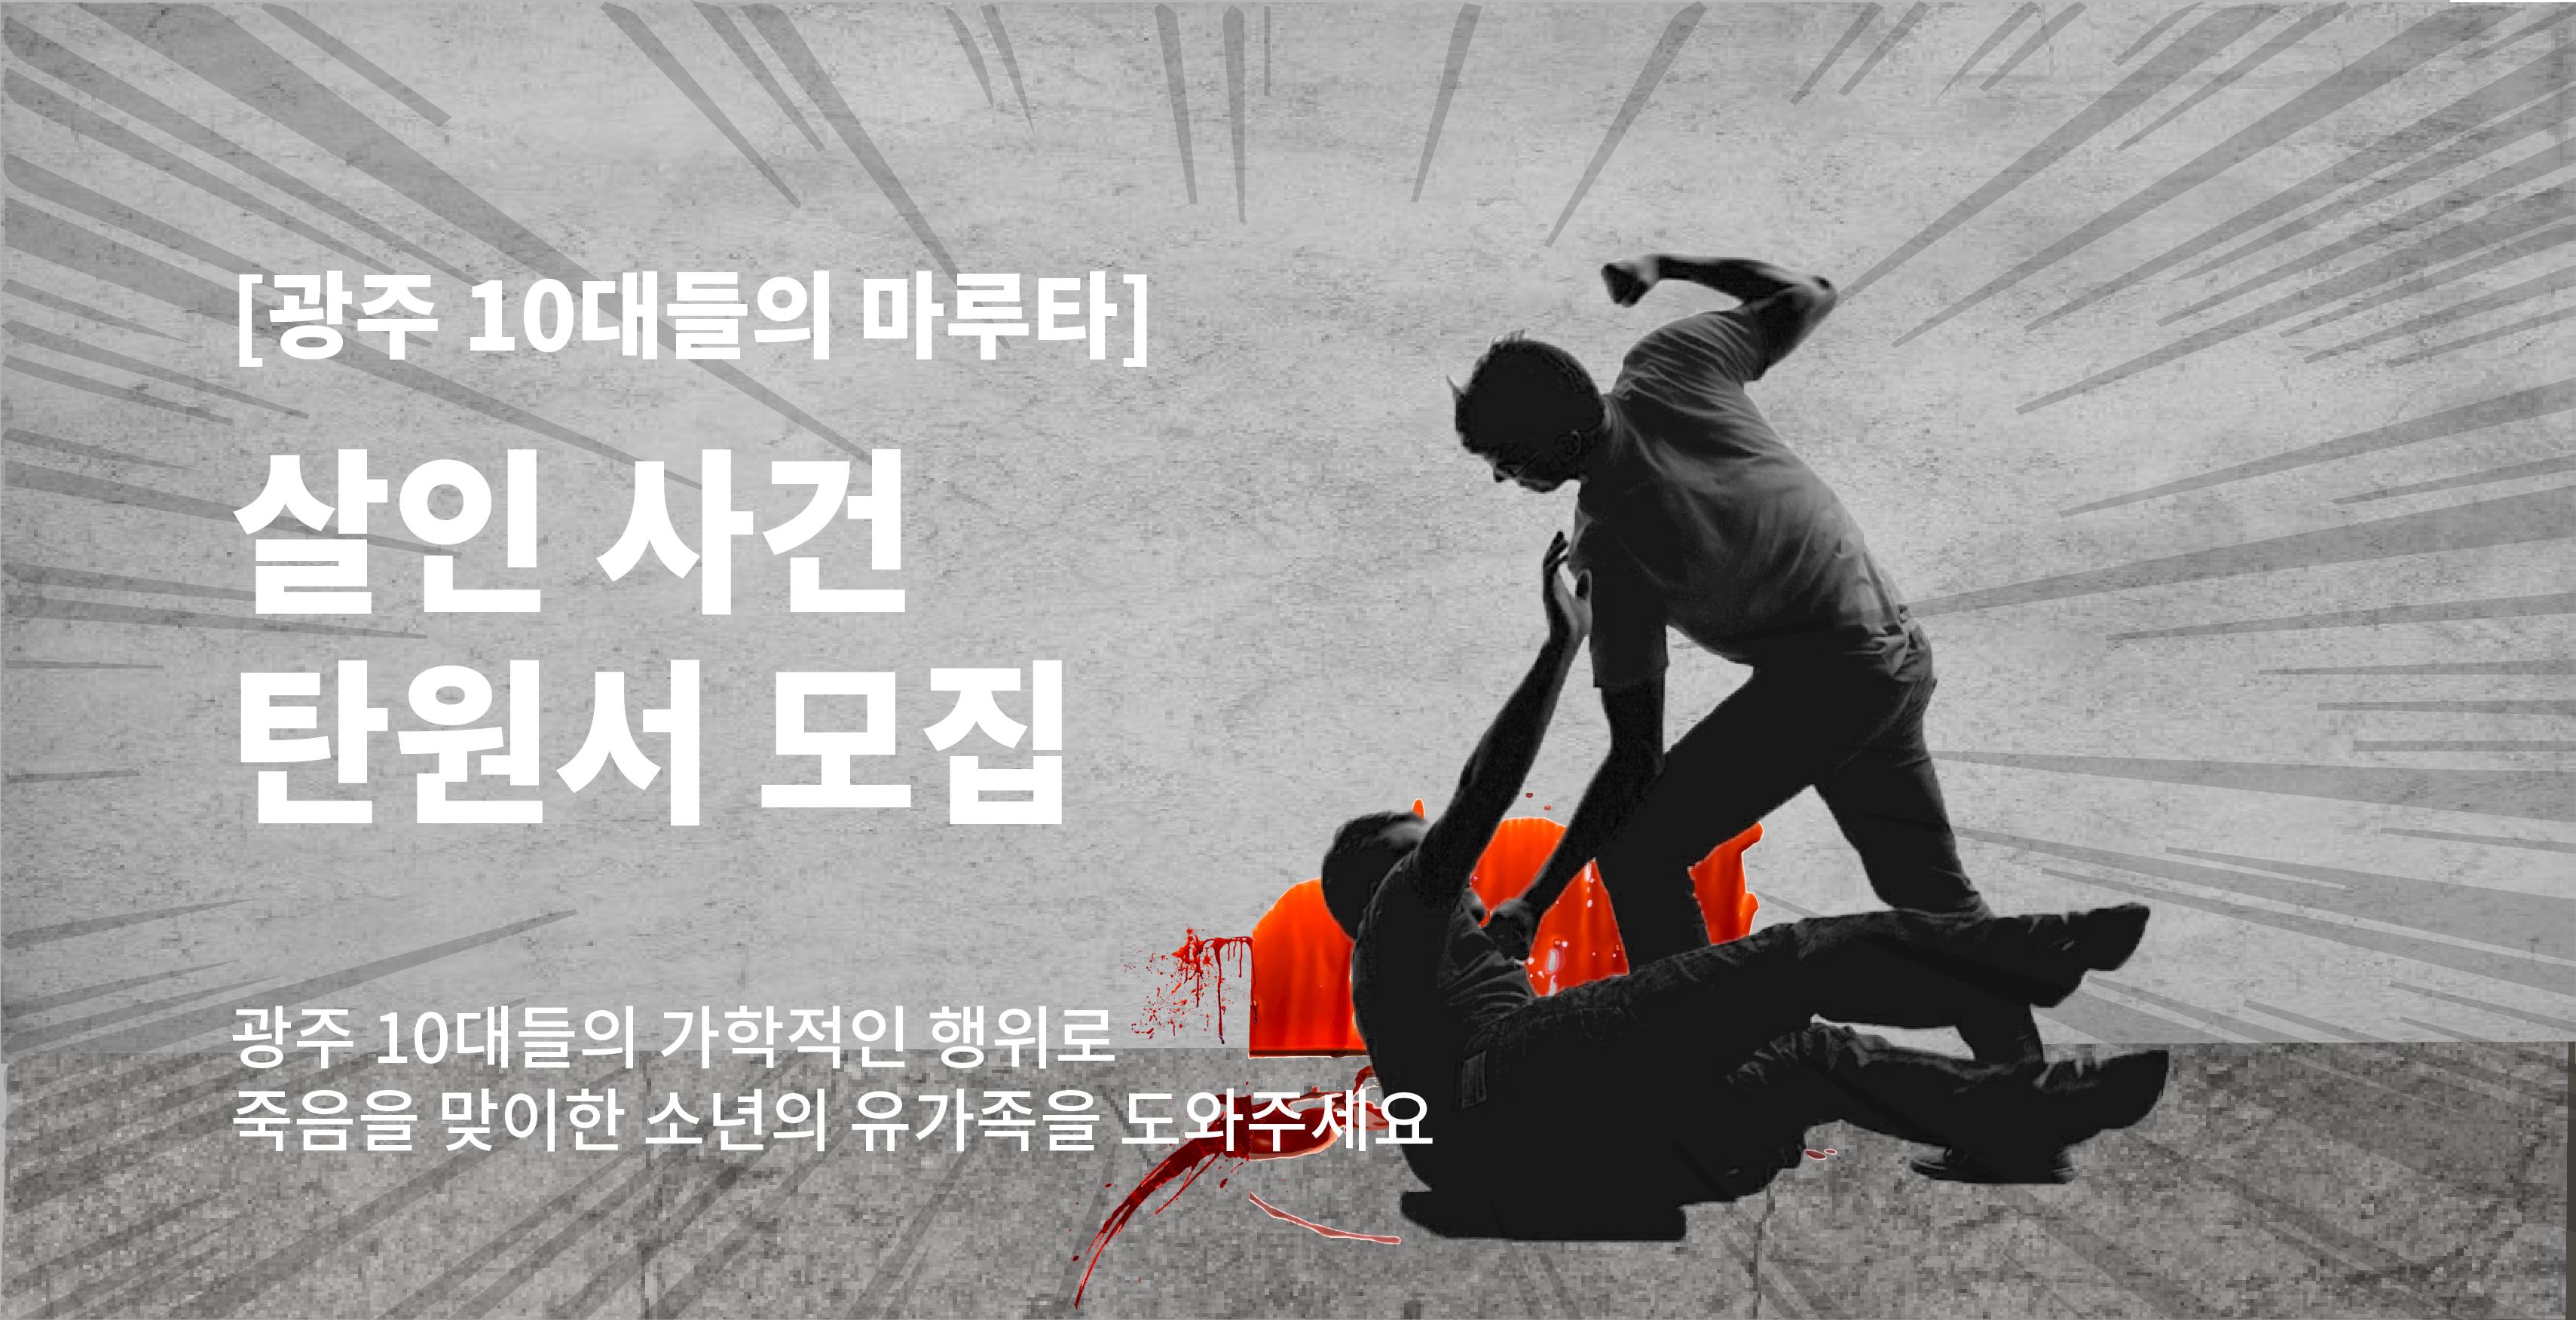 광주 10대들의 마루타 살인 사건 탄원서 모집